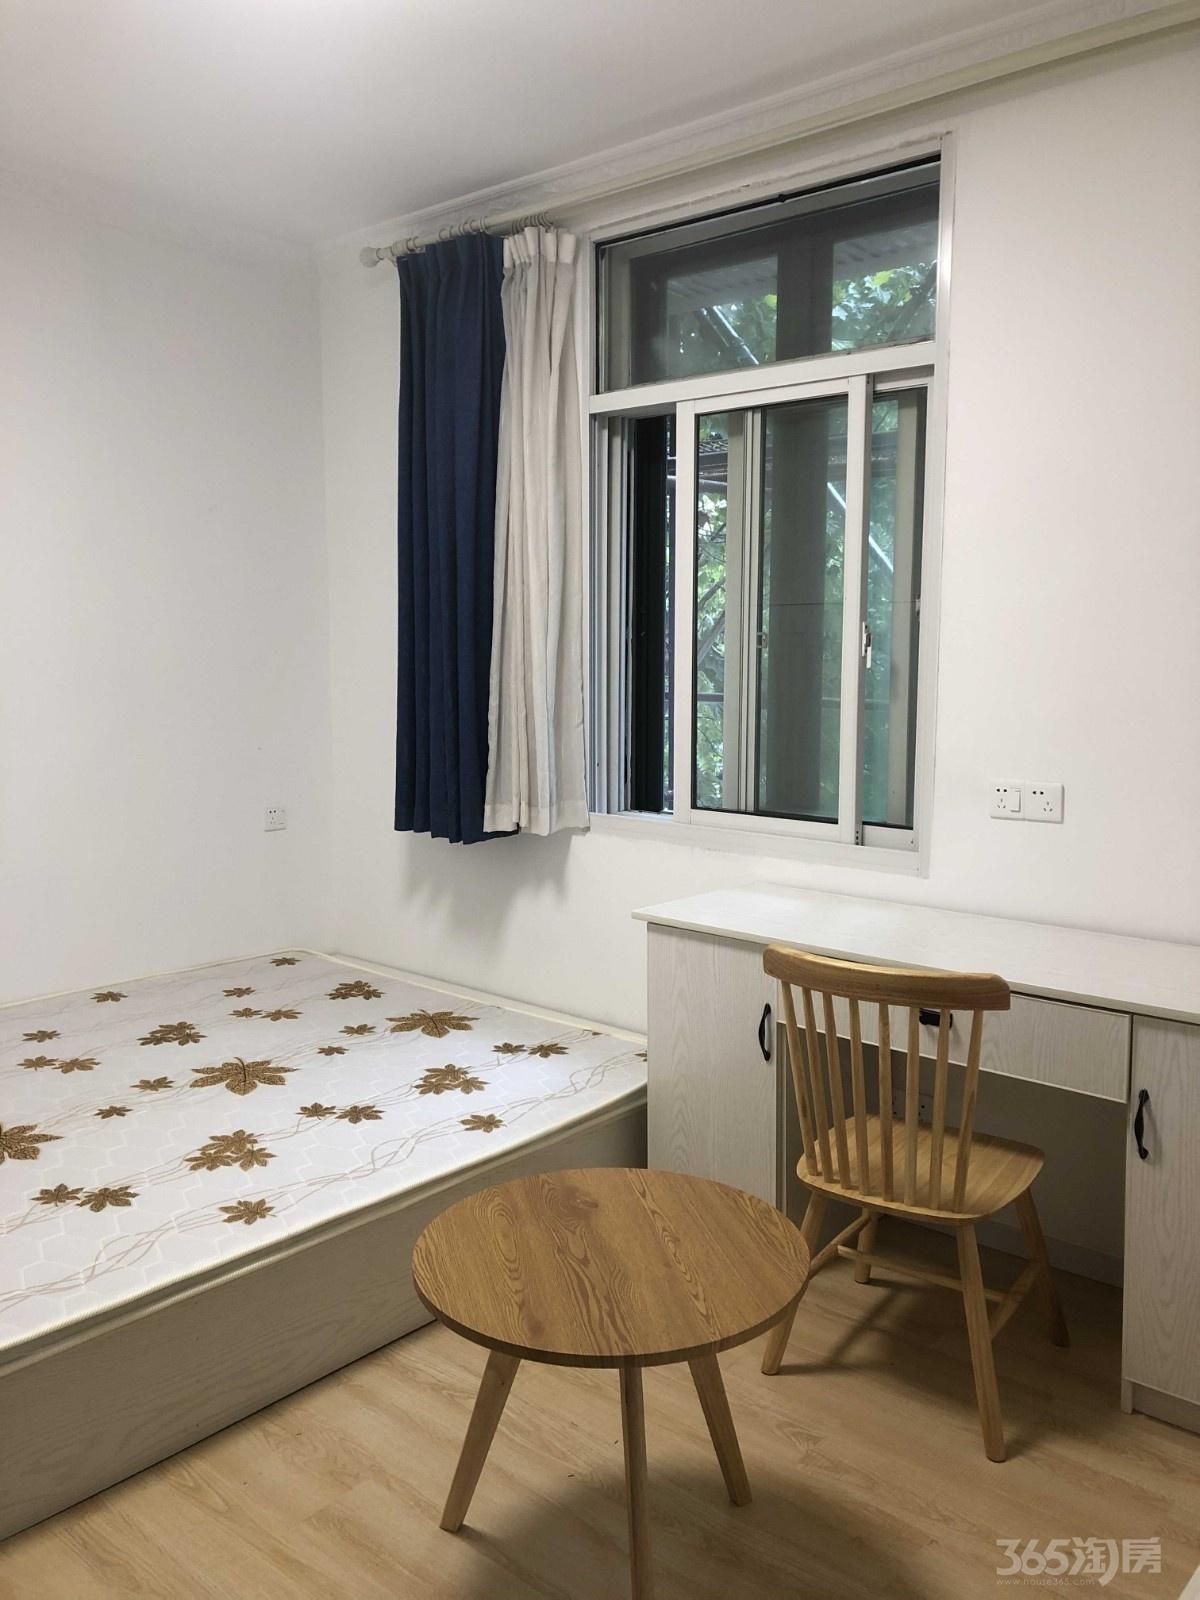 玄武区珠江路珠江路653号1室1厅户型图